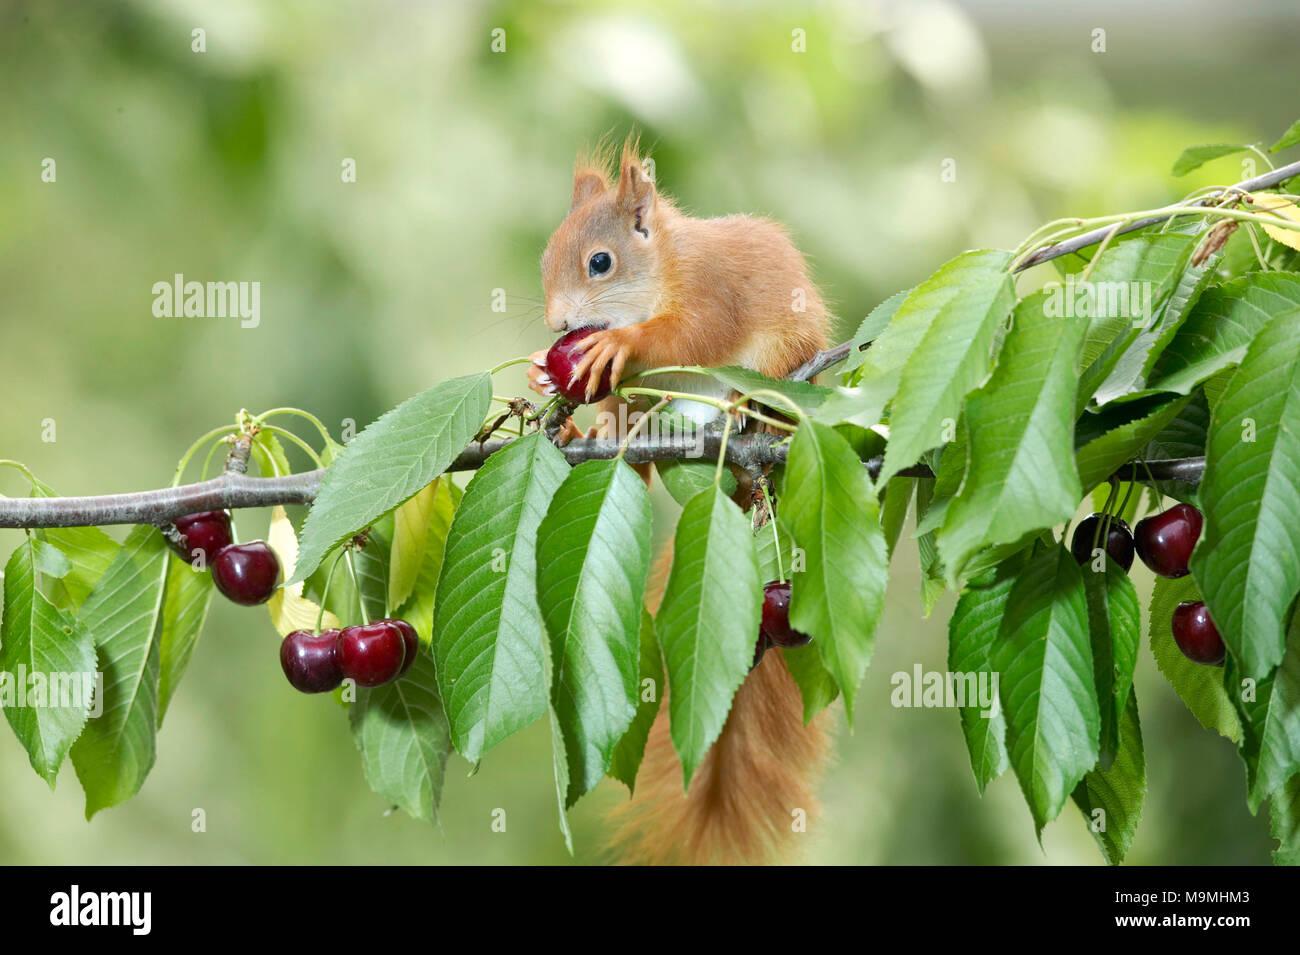 L'Écureuil roux (Sciurus vulgaris). Adulte commandant une cerise dans un cerisier. Allemagne Photo Stock